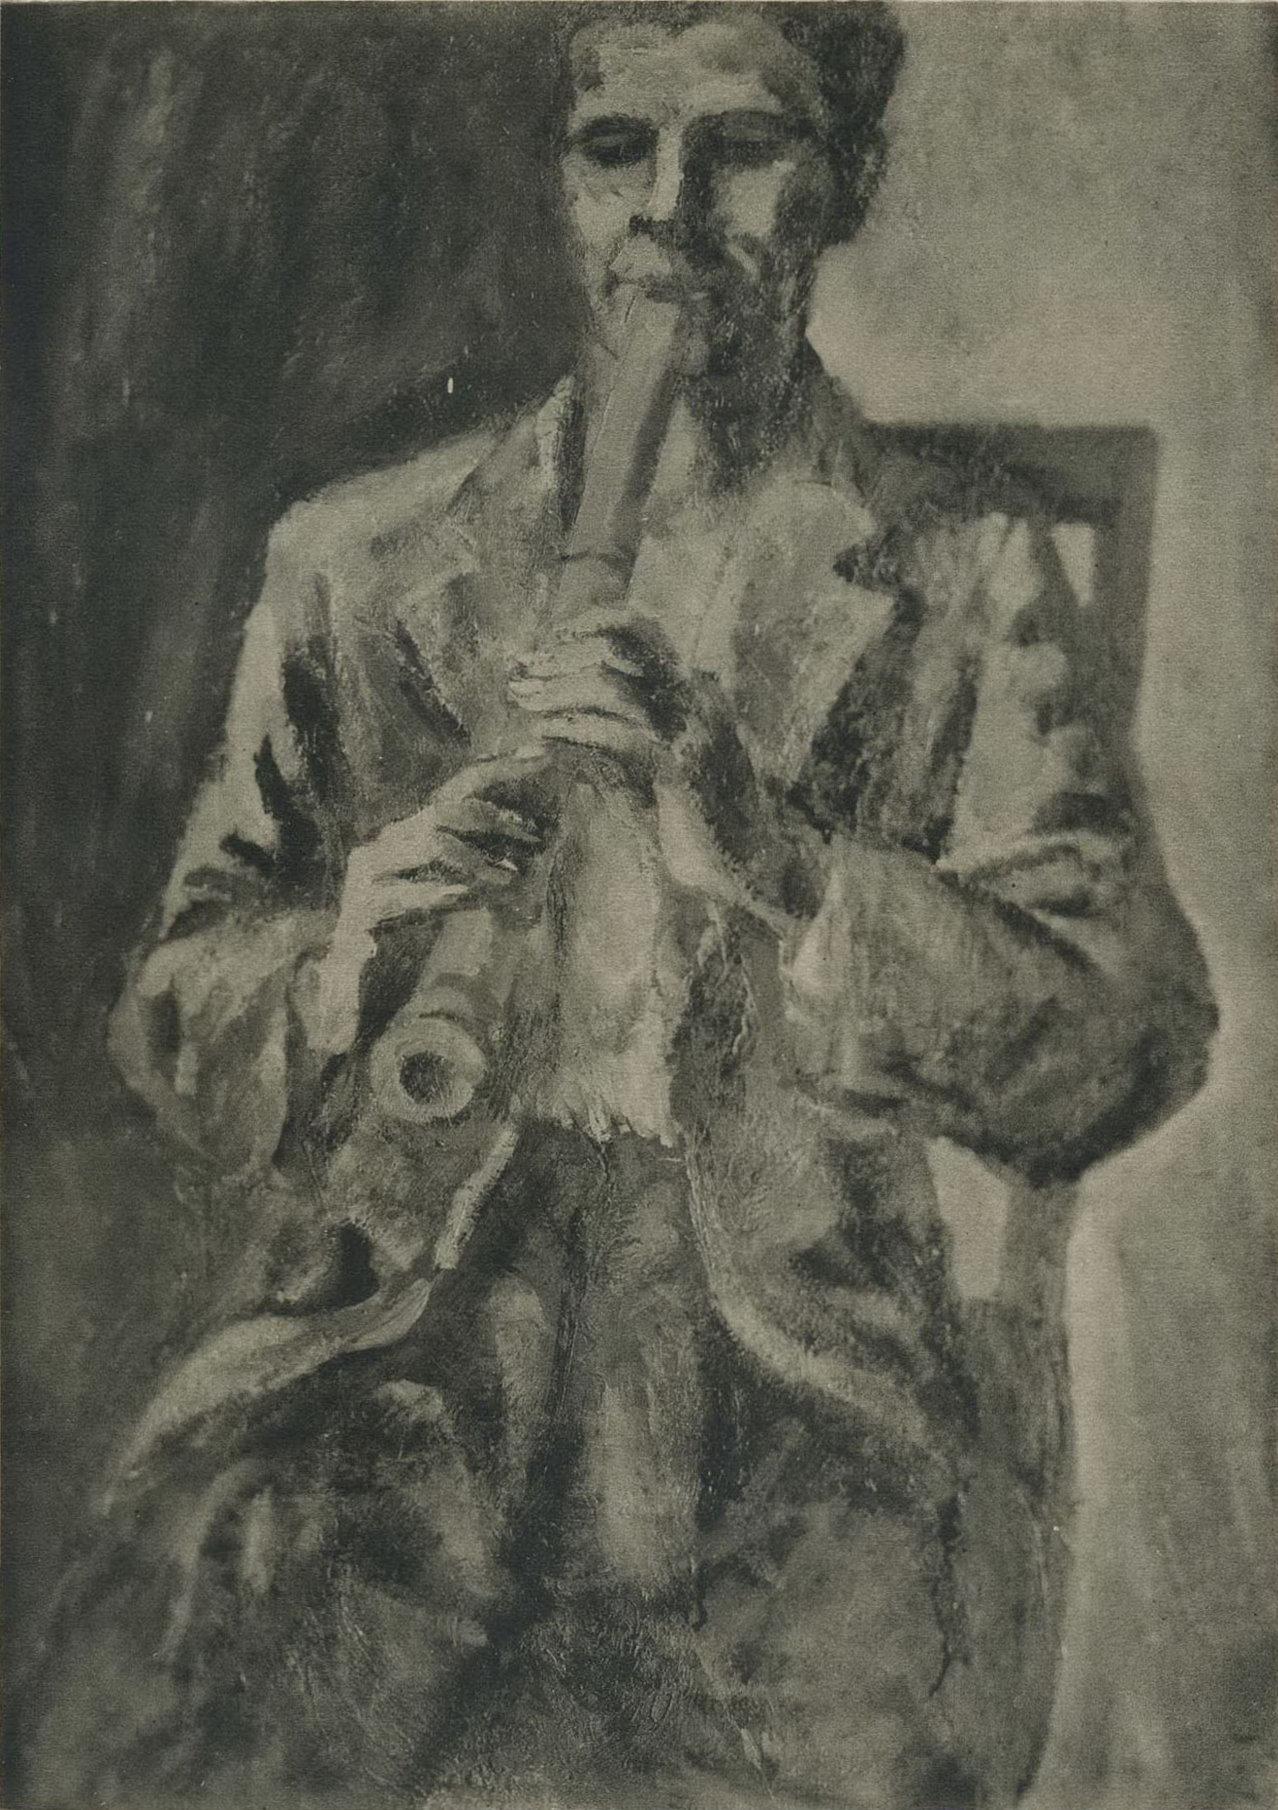 【名單之後】日治時期嘉義洋畫家矢澤一義的活動紀錄與他的府展作品